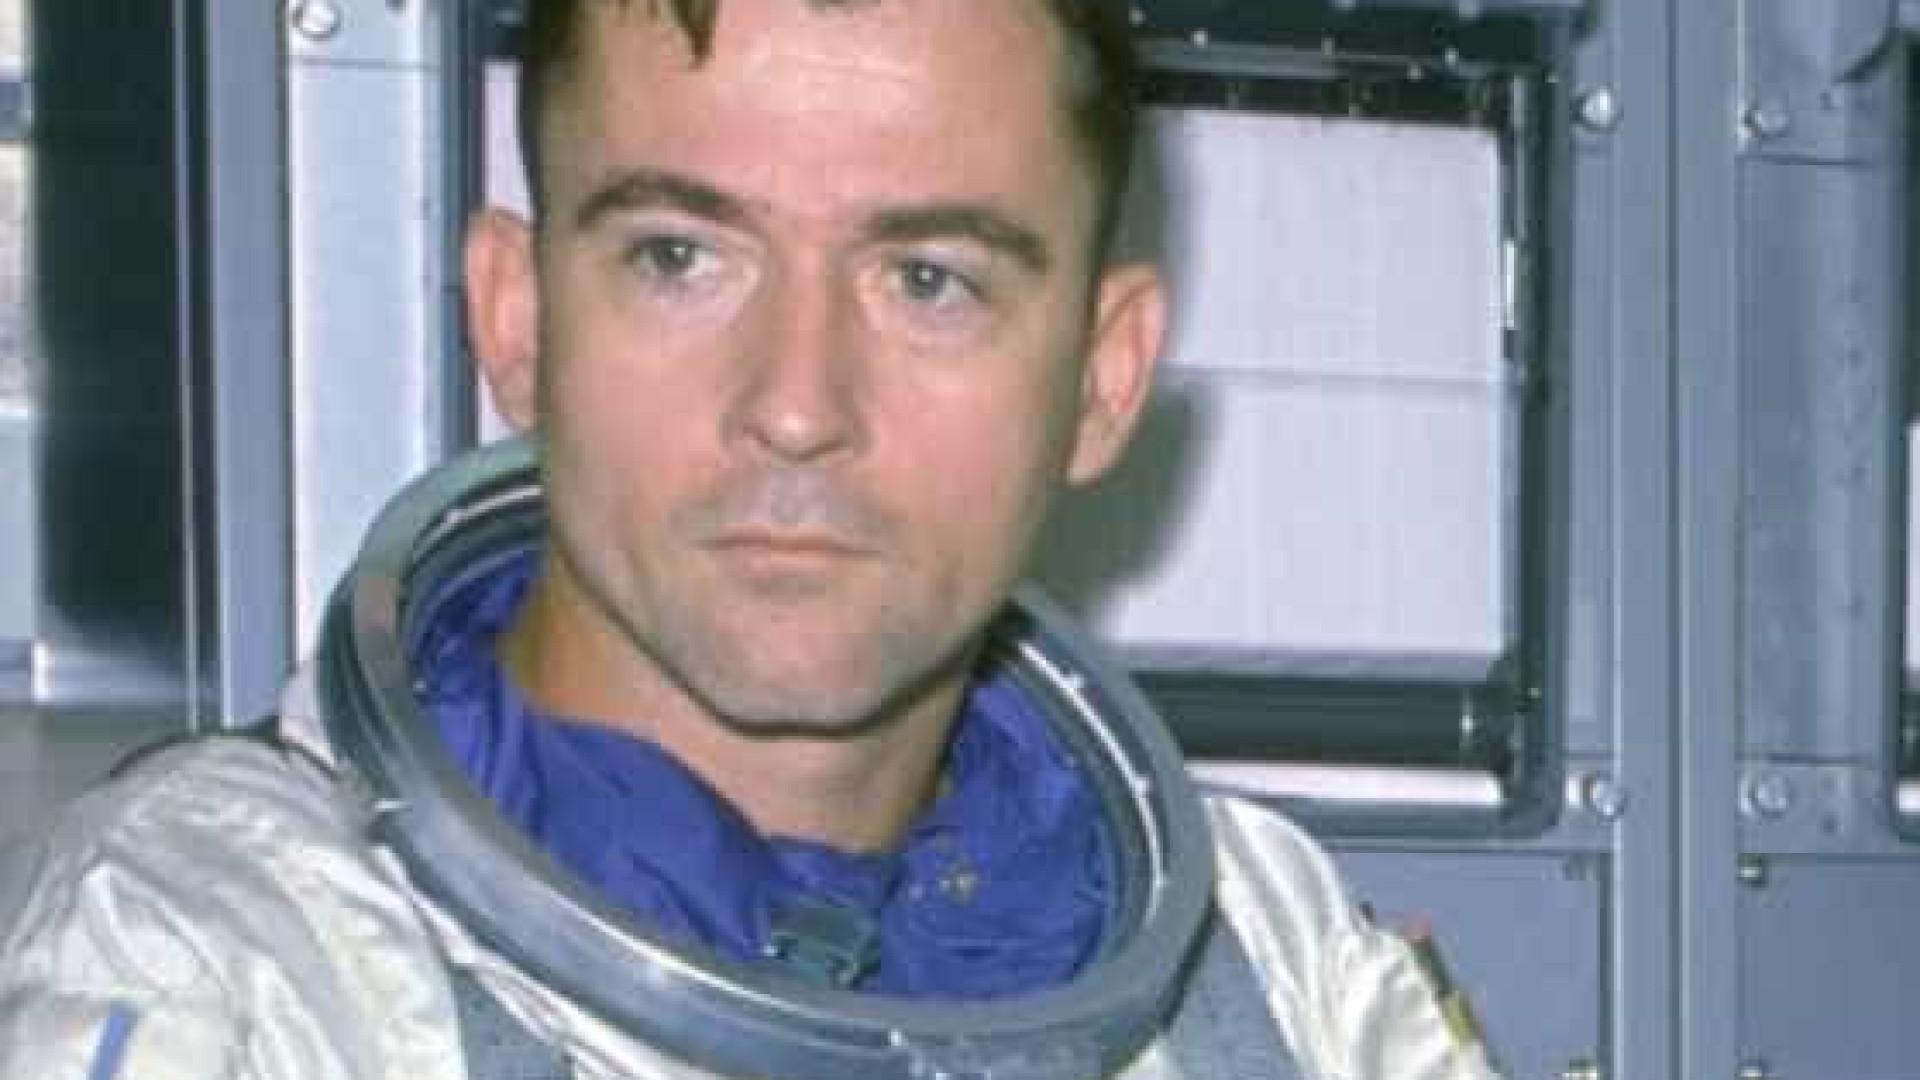 Morre John Young, astronauta mais experiente em viagens ao espaço